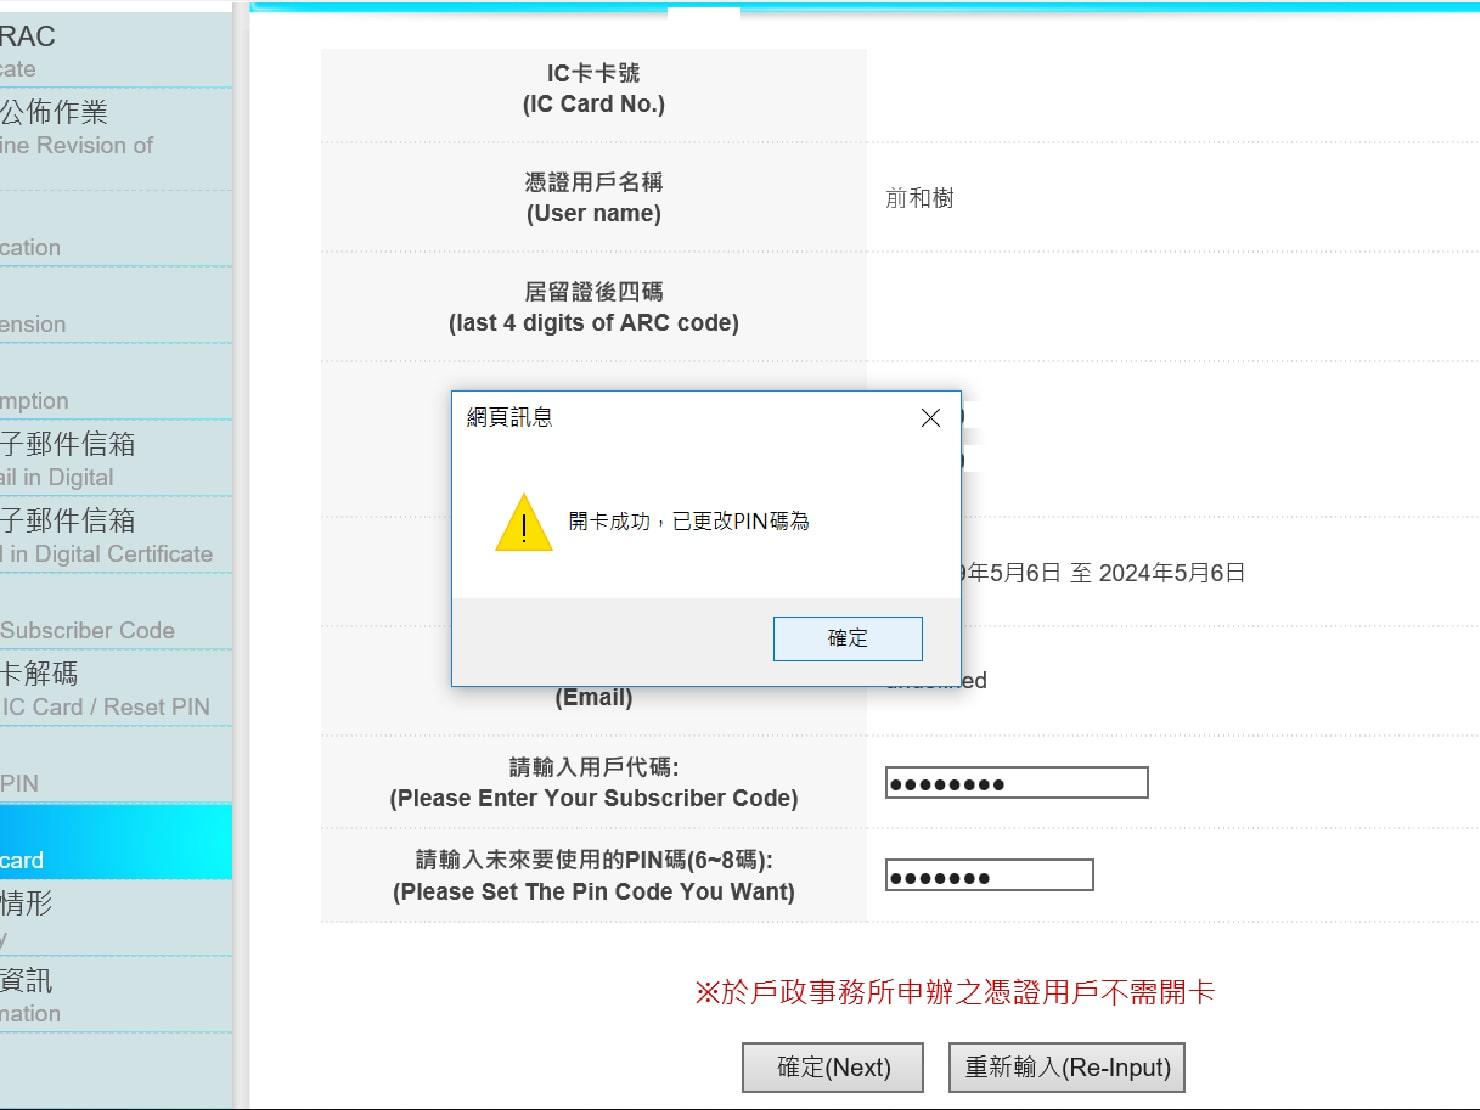 台湾のデジタル身分証明書「自然人憑證」のオンライン手続きの仕方_12